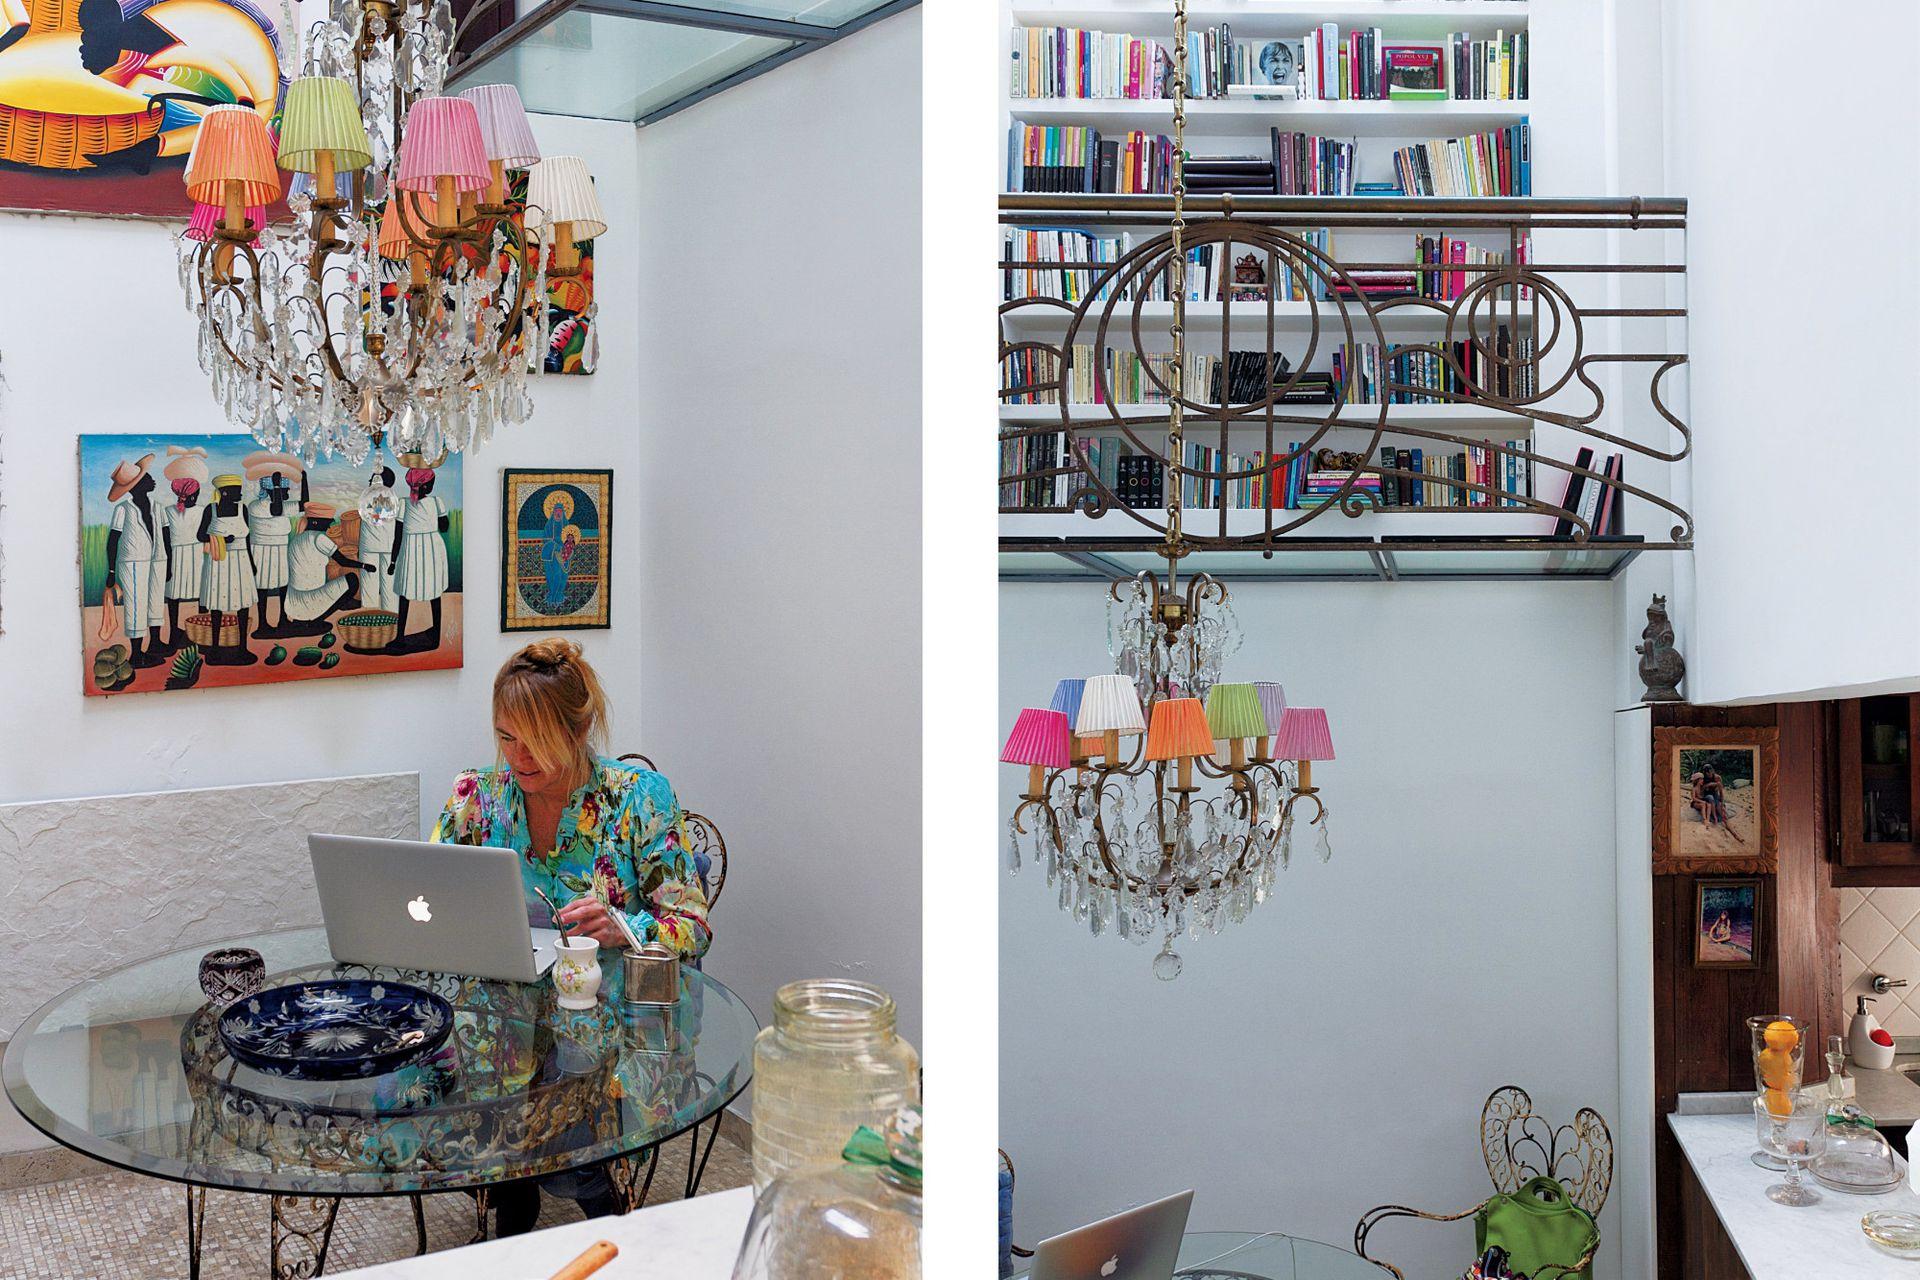 El hall donde está la mesa de vidrio es un espacio luminoso y uno de los rincones preferidos de la dueña de casa.